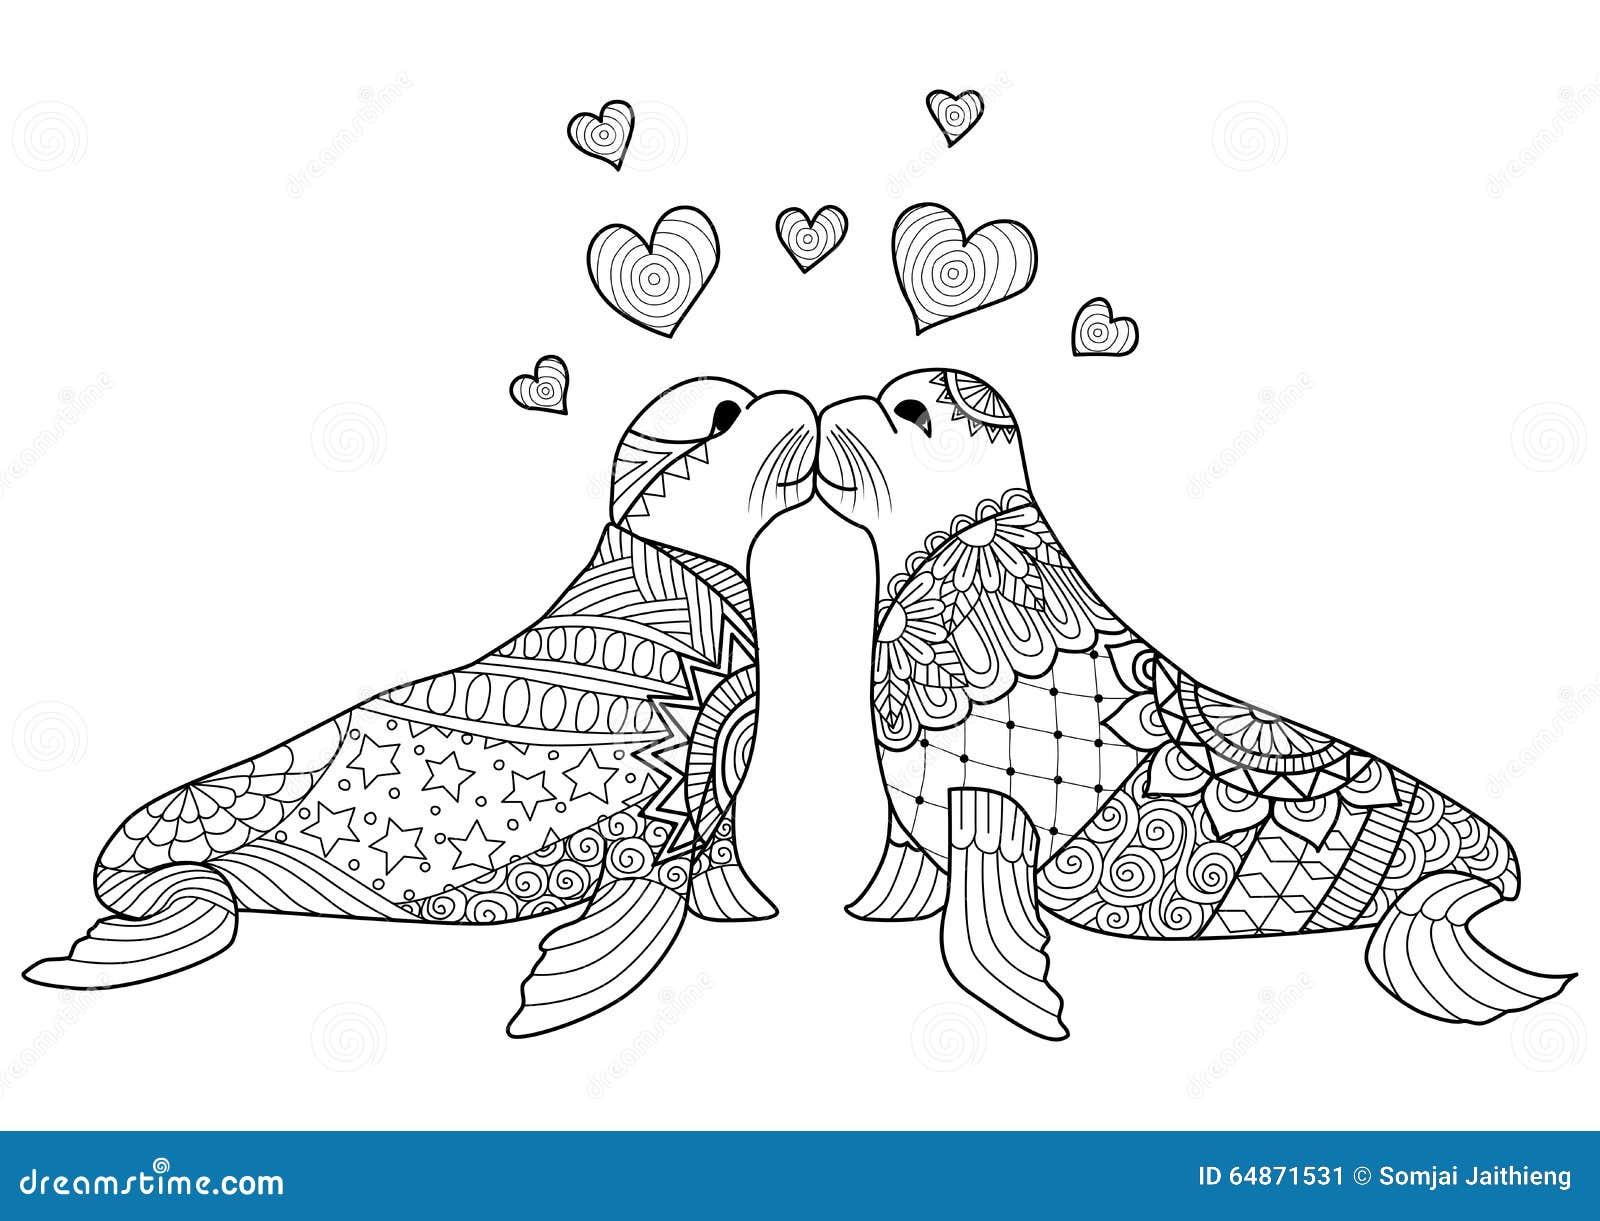 Coloriage adulte animaux phoque - Coloriage de phoque ...